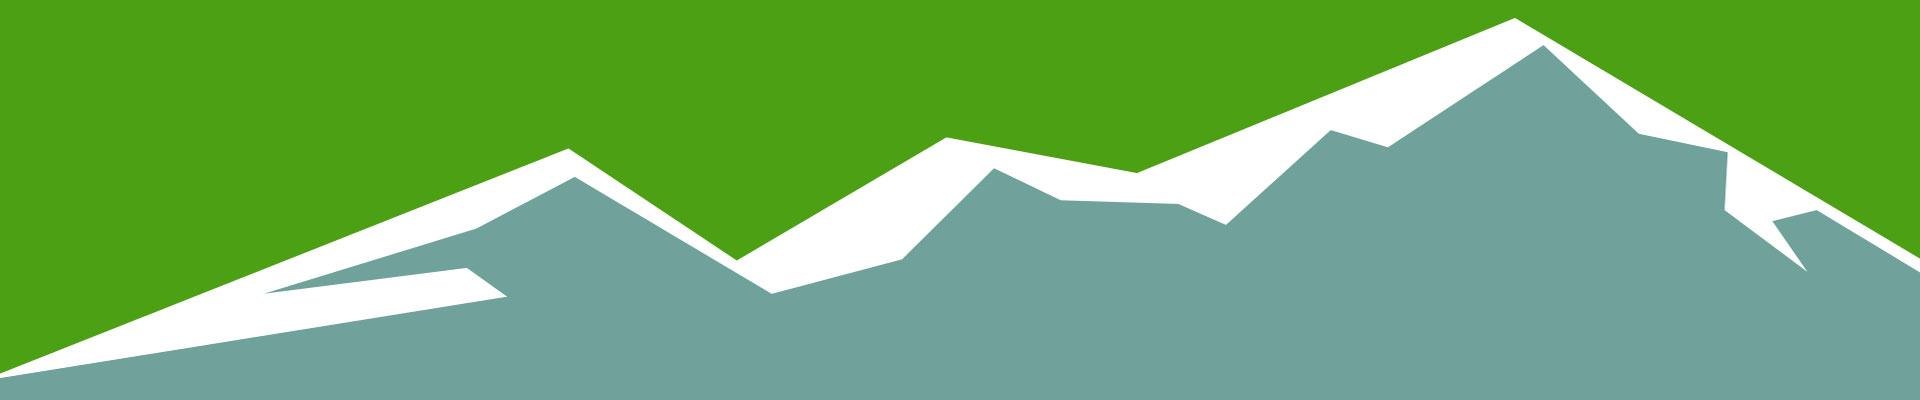 montagnes vert bleu